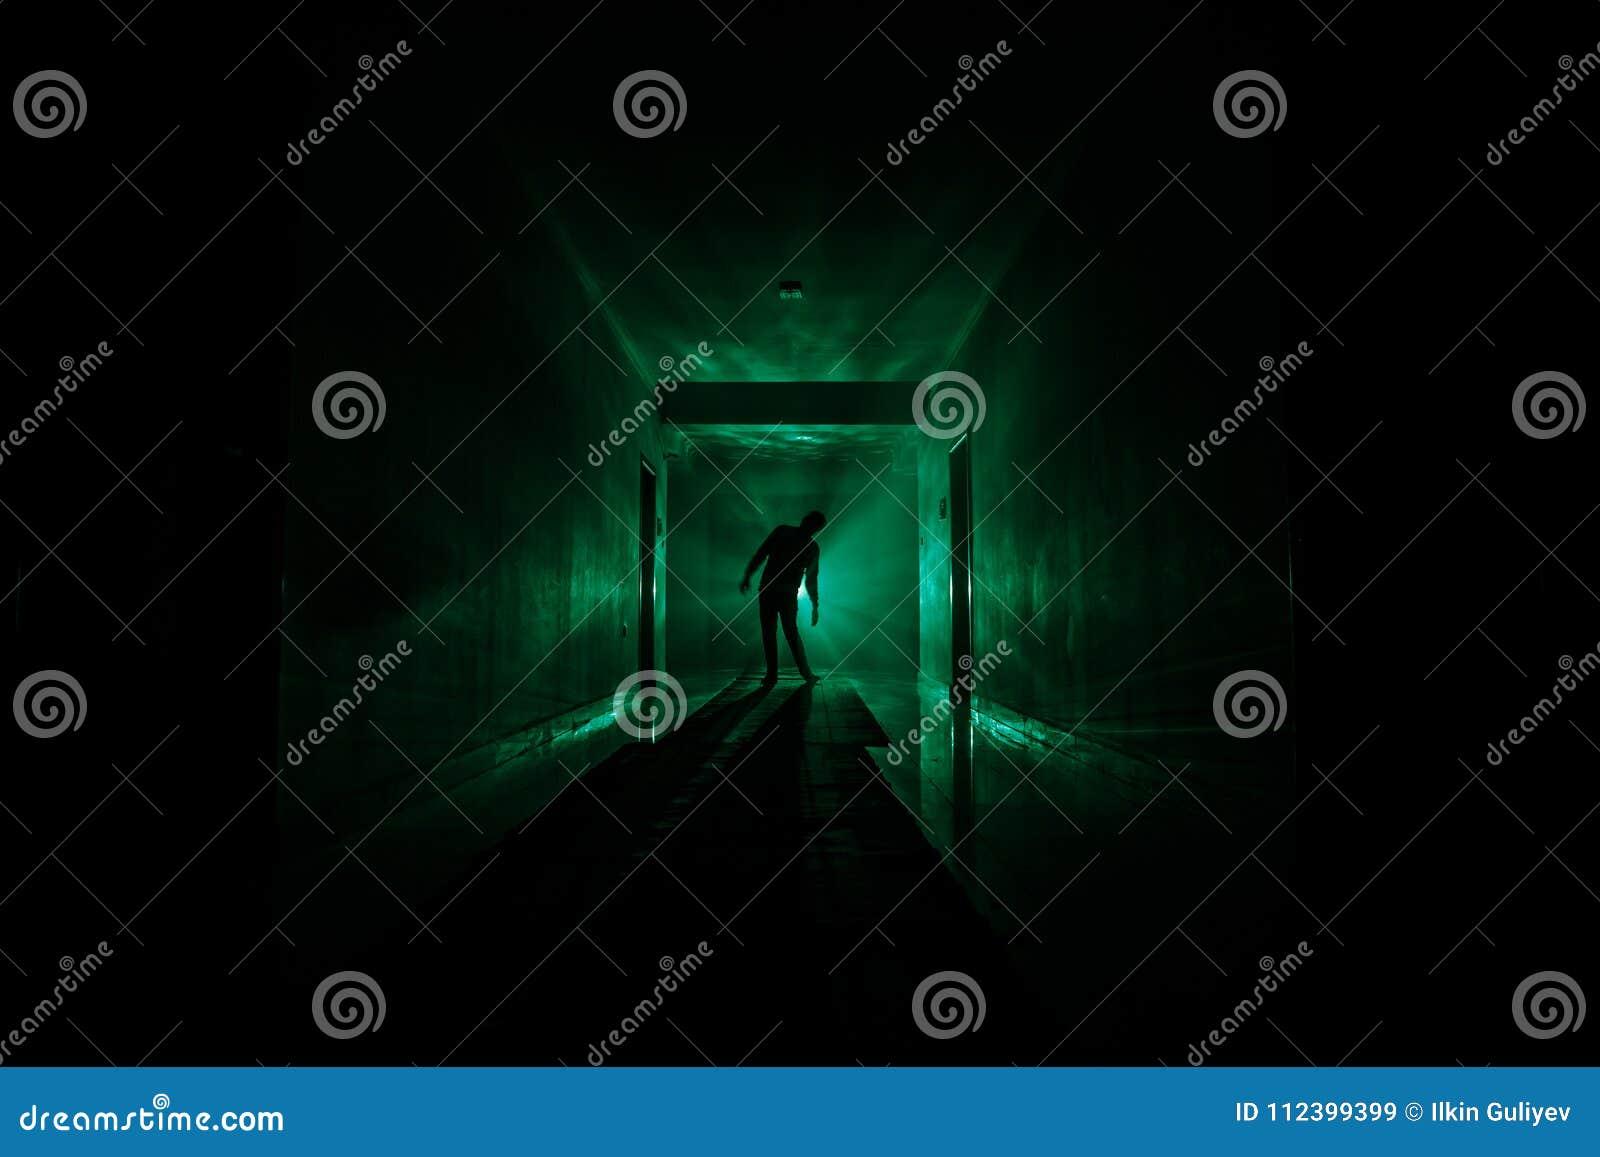 Griezelig silhouet in de dark verlaten bouw Donkere gang met kabinetsdeuren en lichten met silhouet van griezelige verschrikking